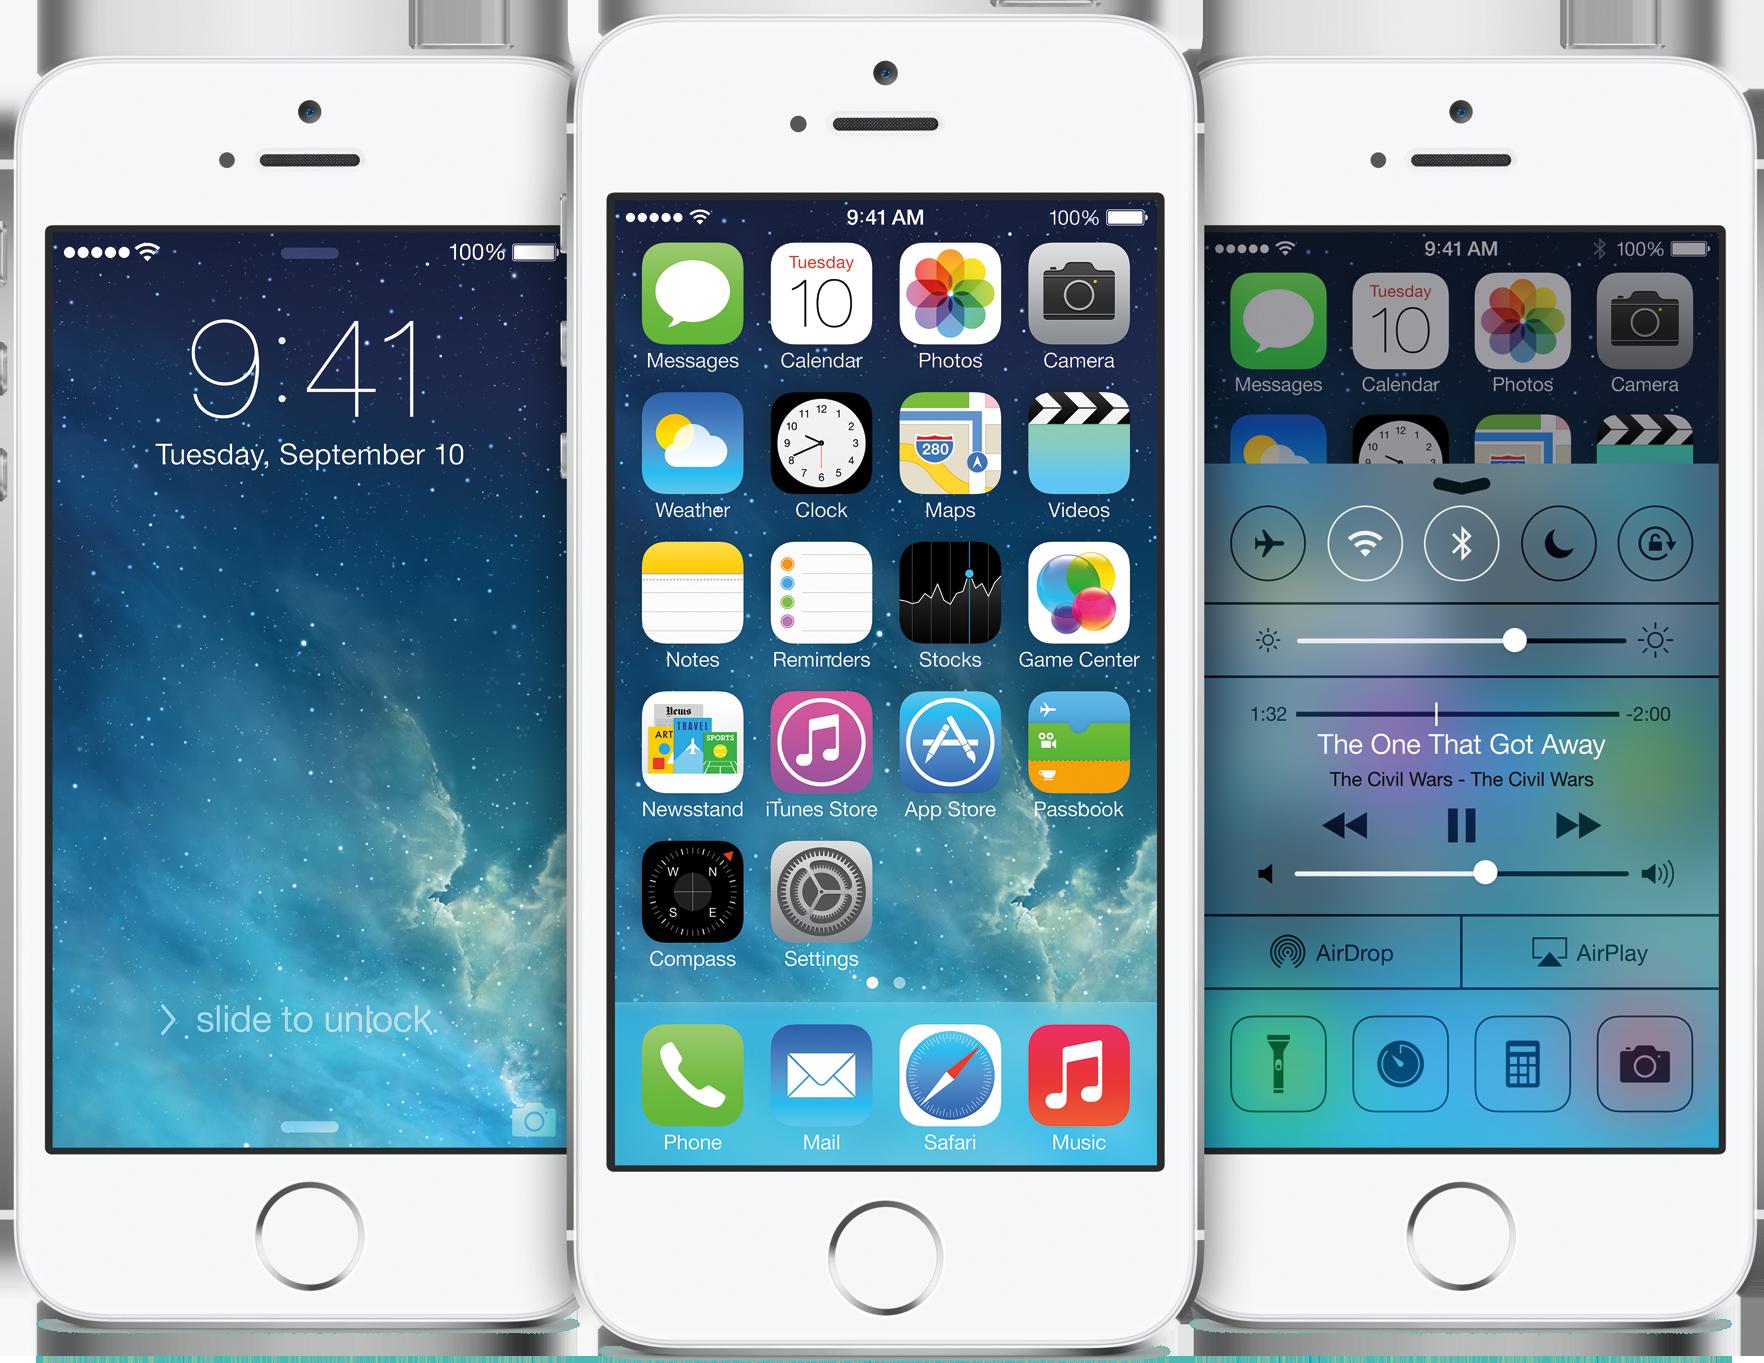 Tela inicial do iOS 7 em iPhones 5s